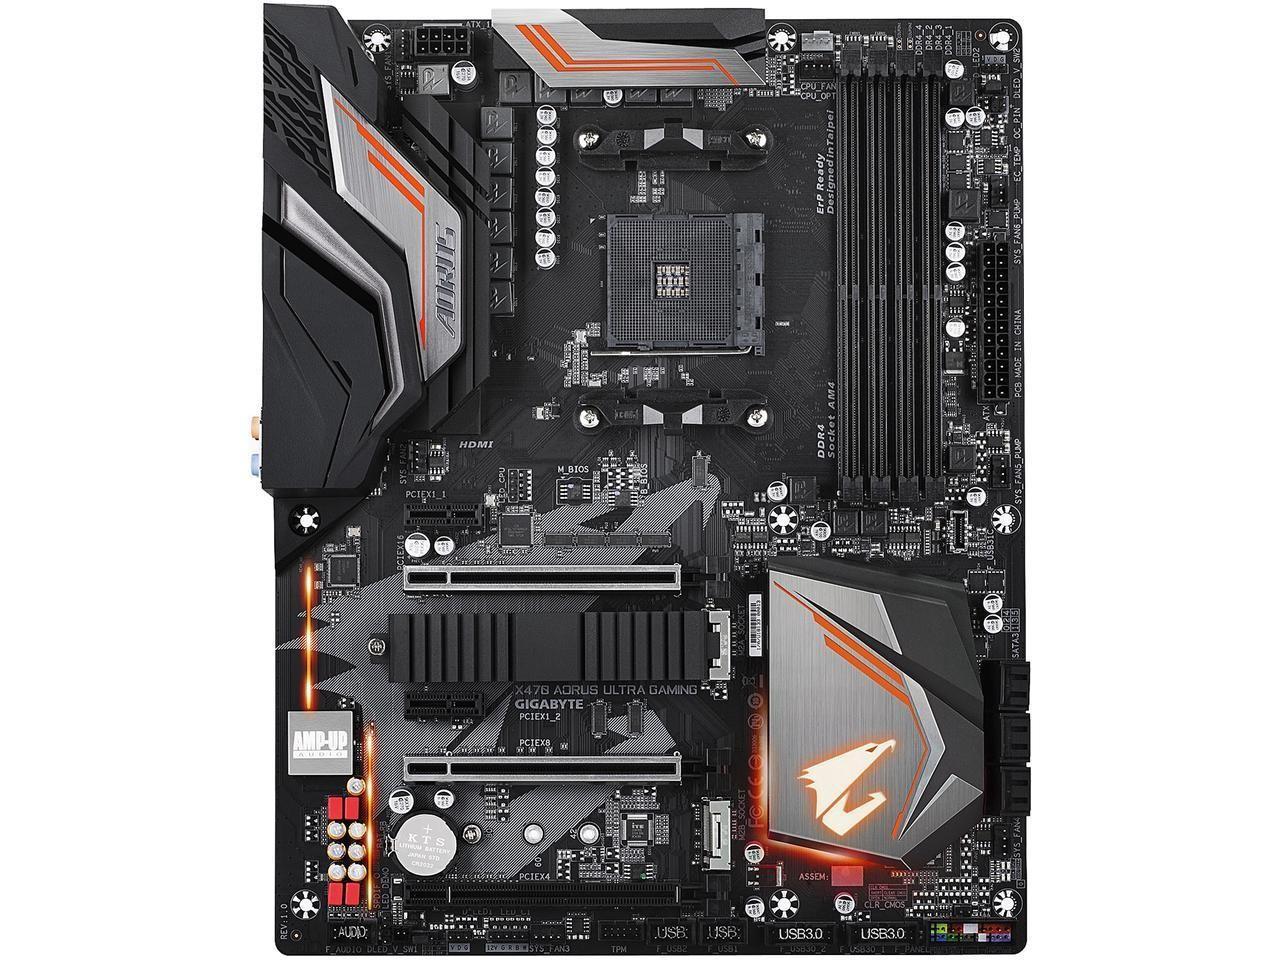 Image 1 of Gigabyte X470 Aorus Ultra Gaming Mb Am4 4xddr4 6xsata 1xm.2 Usb3.1 Atx 3yr Wty Ga-x470-aorus-ultra-gamin GA-X470-AORUS-ULTRA-GAMING